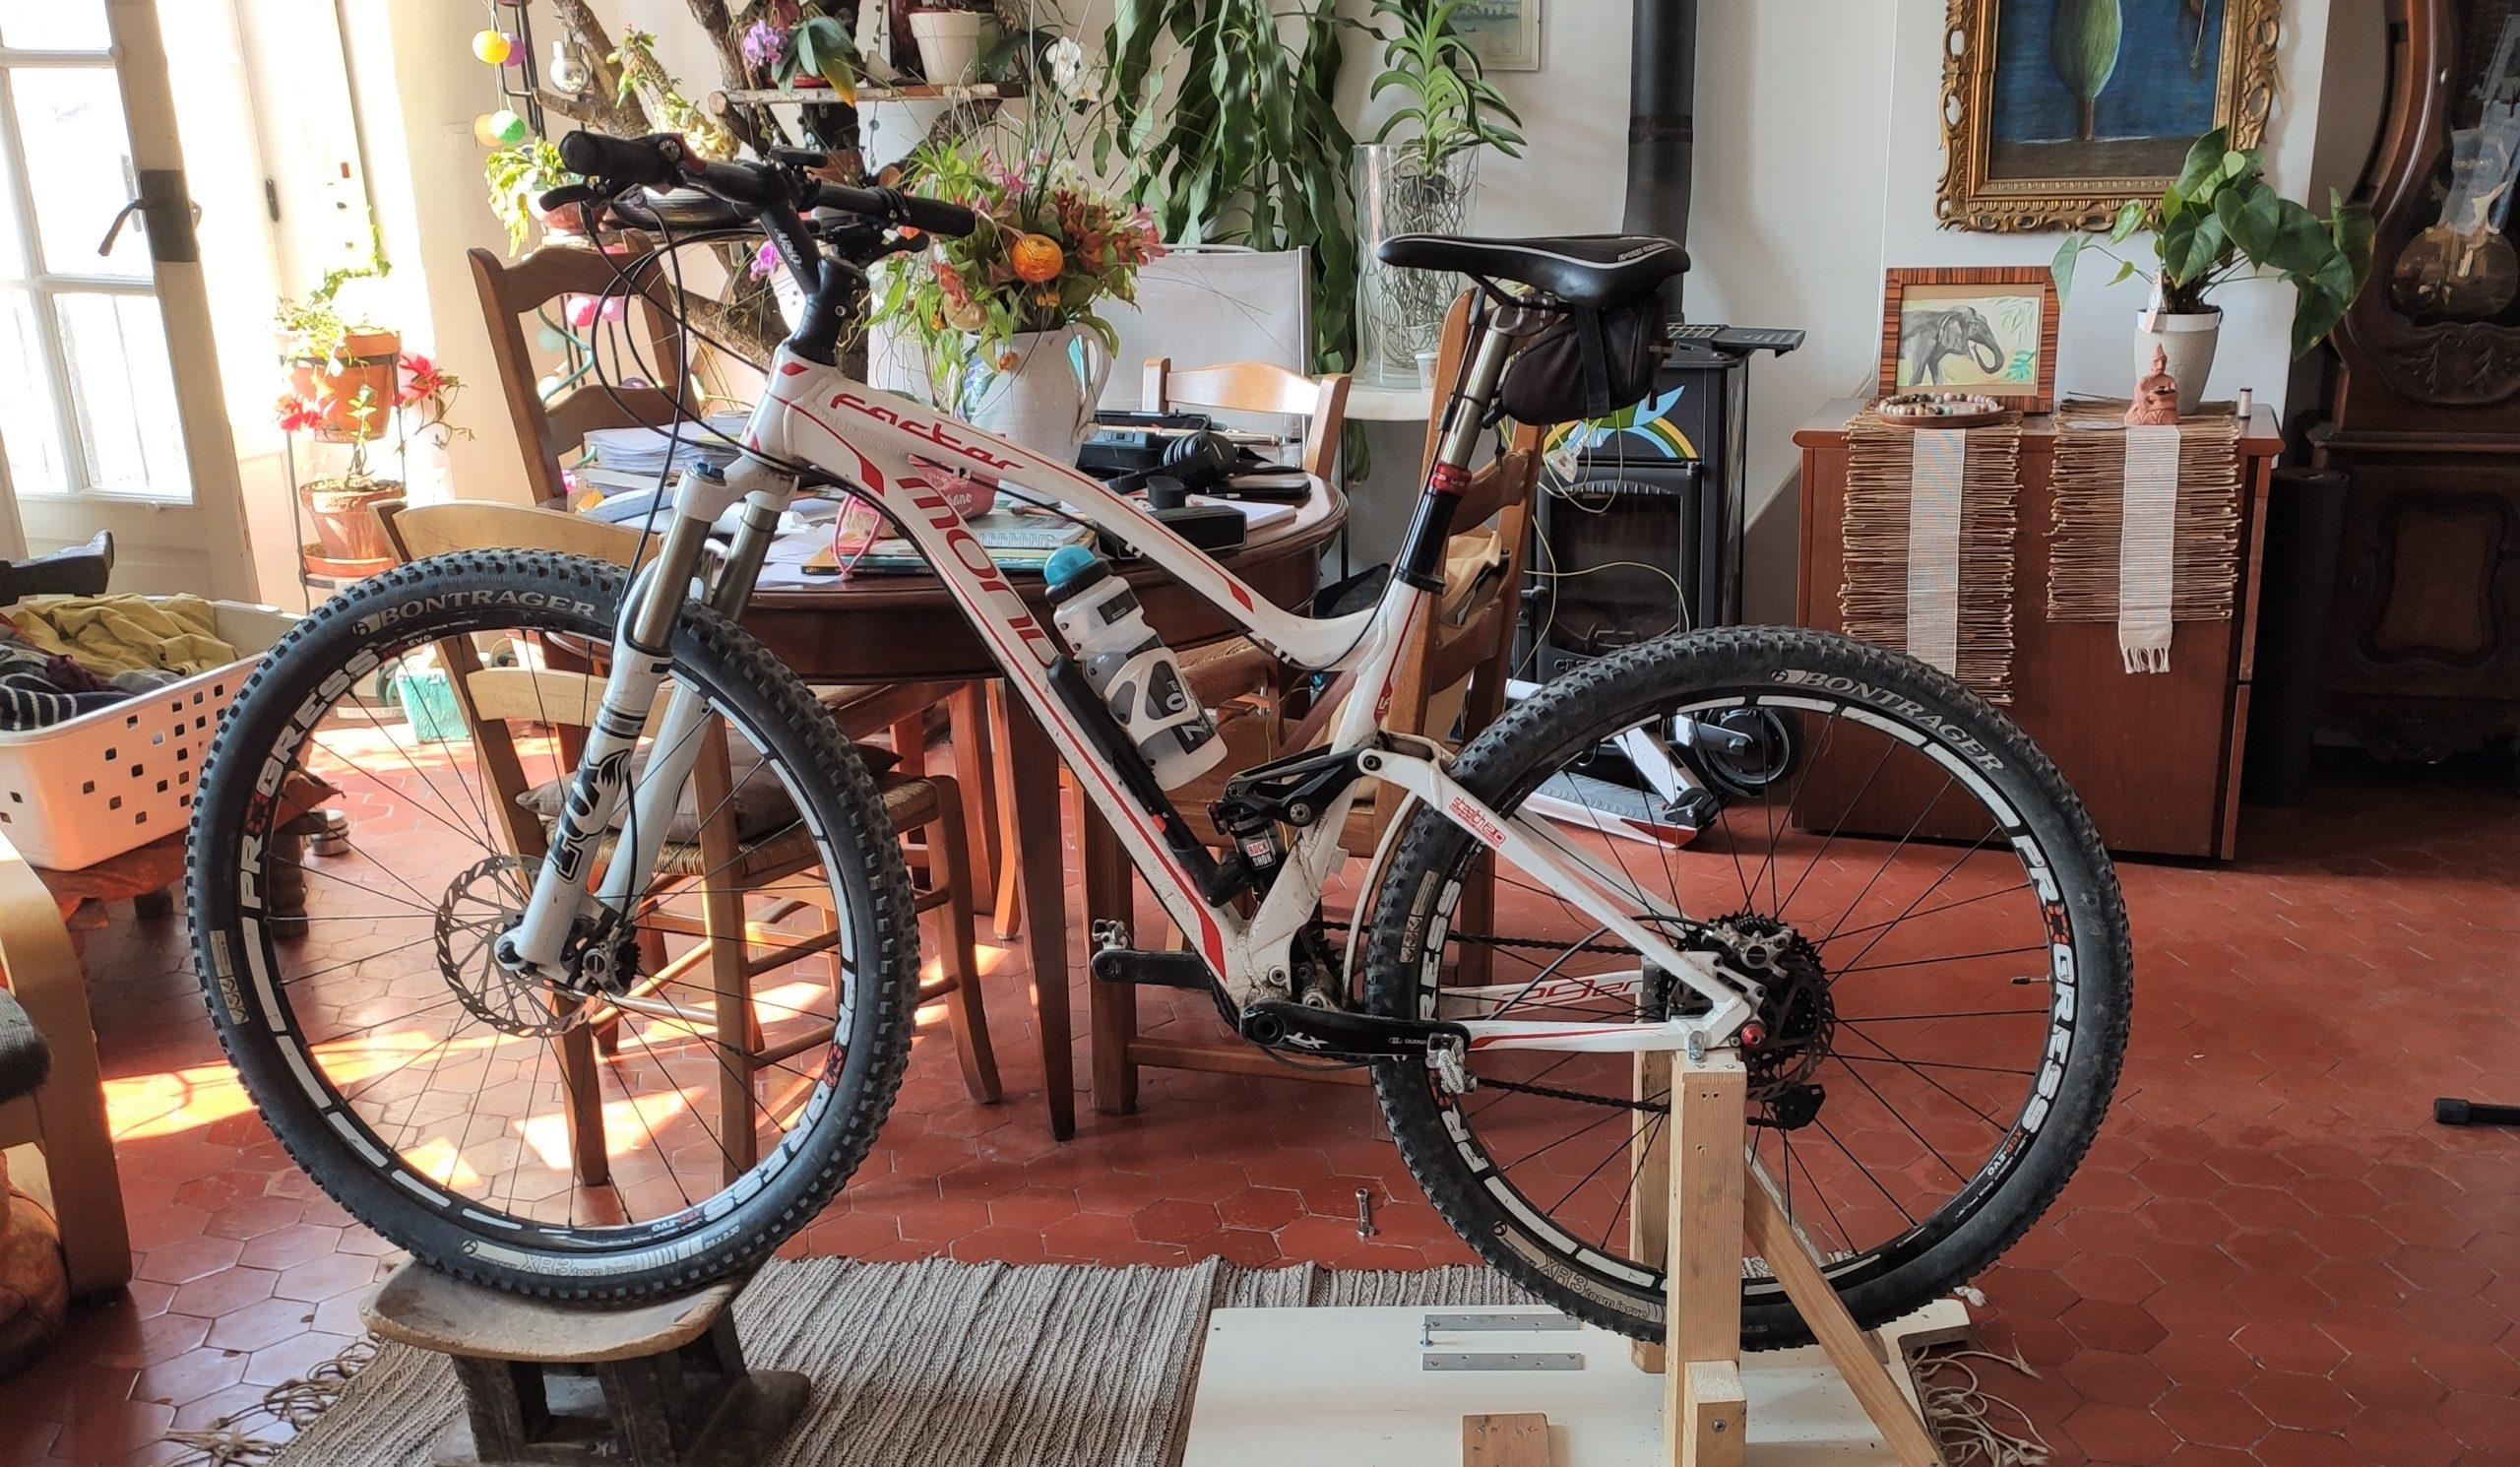 Comment fabriquer un vélo d'appartement et produire de l'énergie en confinement ?